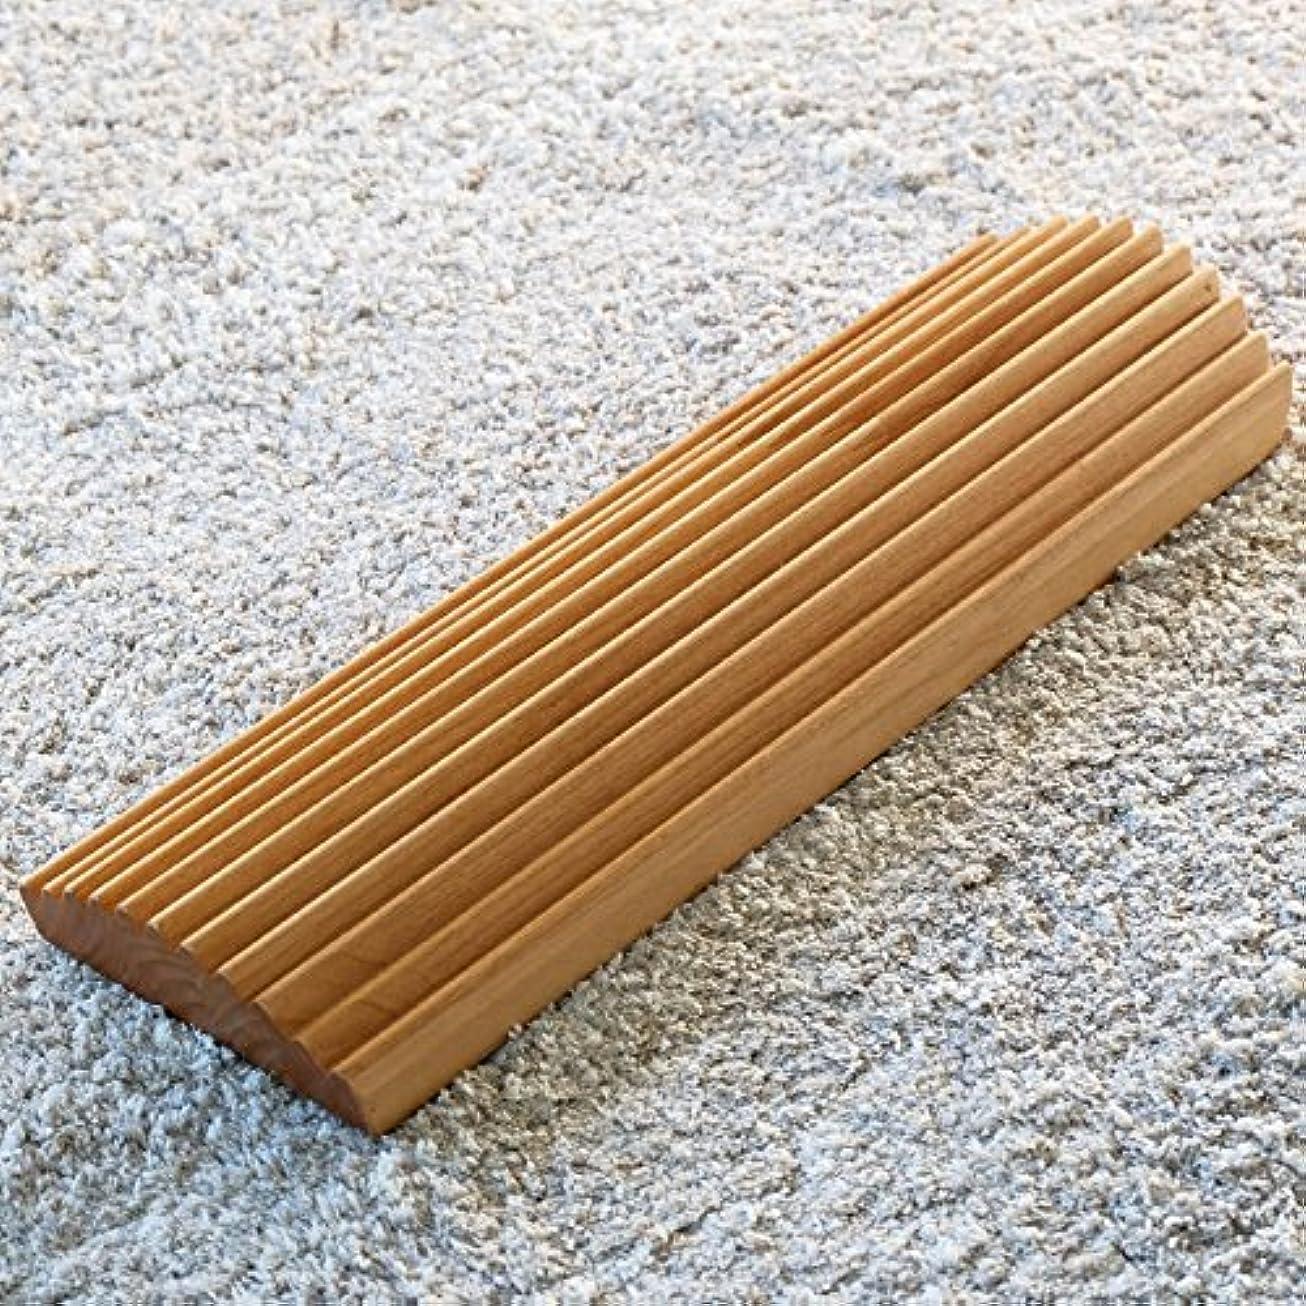 東部回答思い出させるISSEIKI 足踏み アルダー材 幅40cm FIT ASIFUMI 40 (NA) フットケア 木製 おしゃれ プレゼント 指圧代用 FIT ASIFUMI 40 (AL-NA)